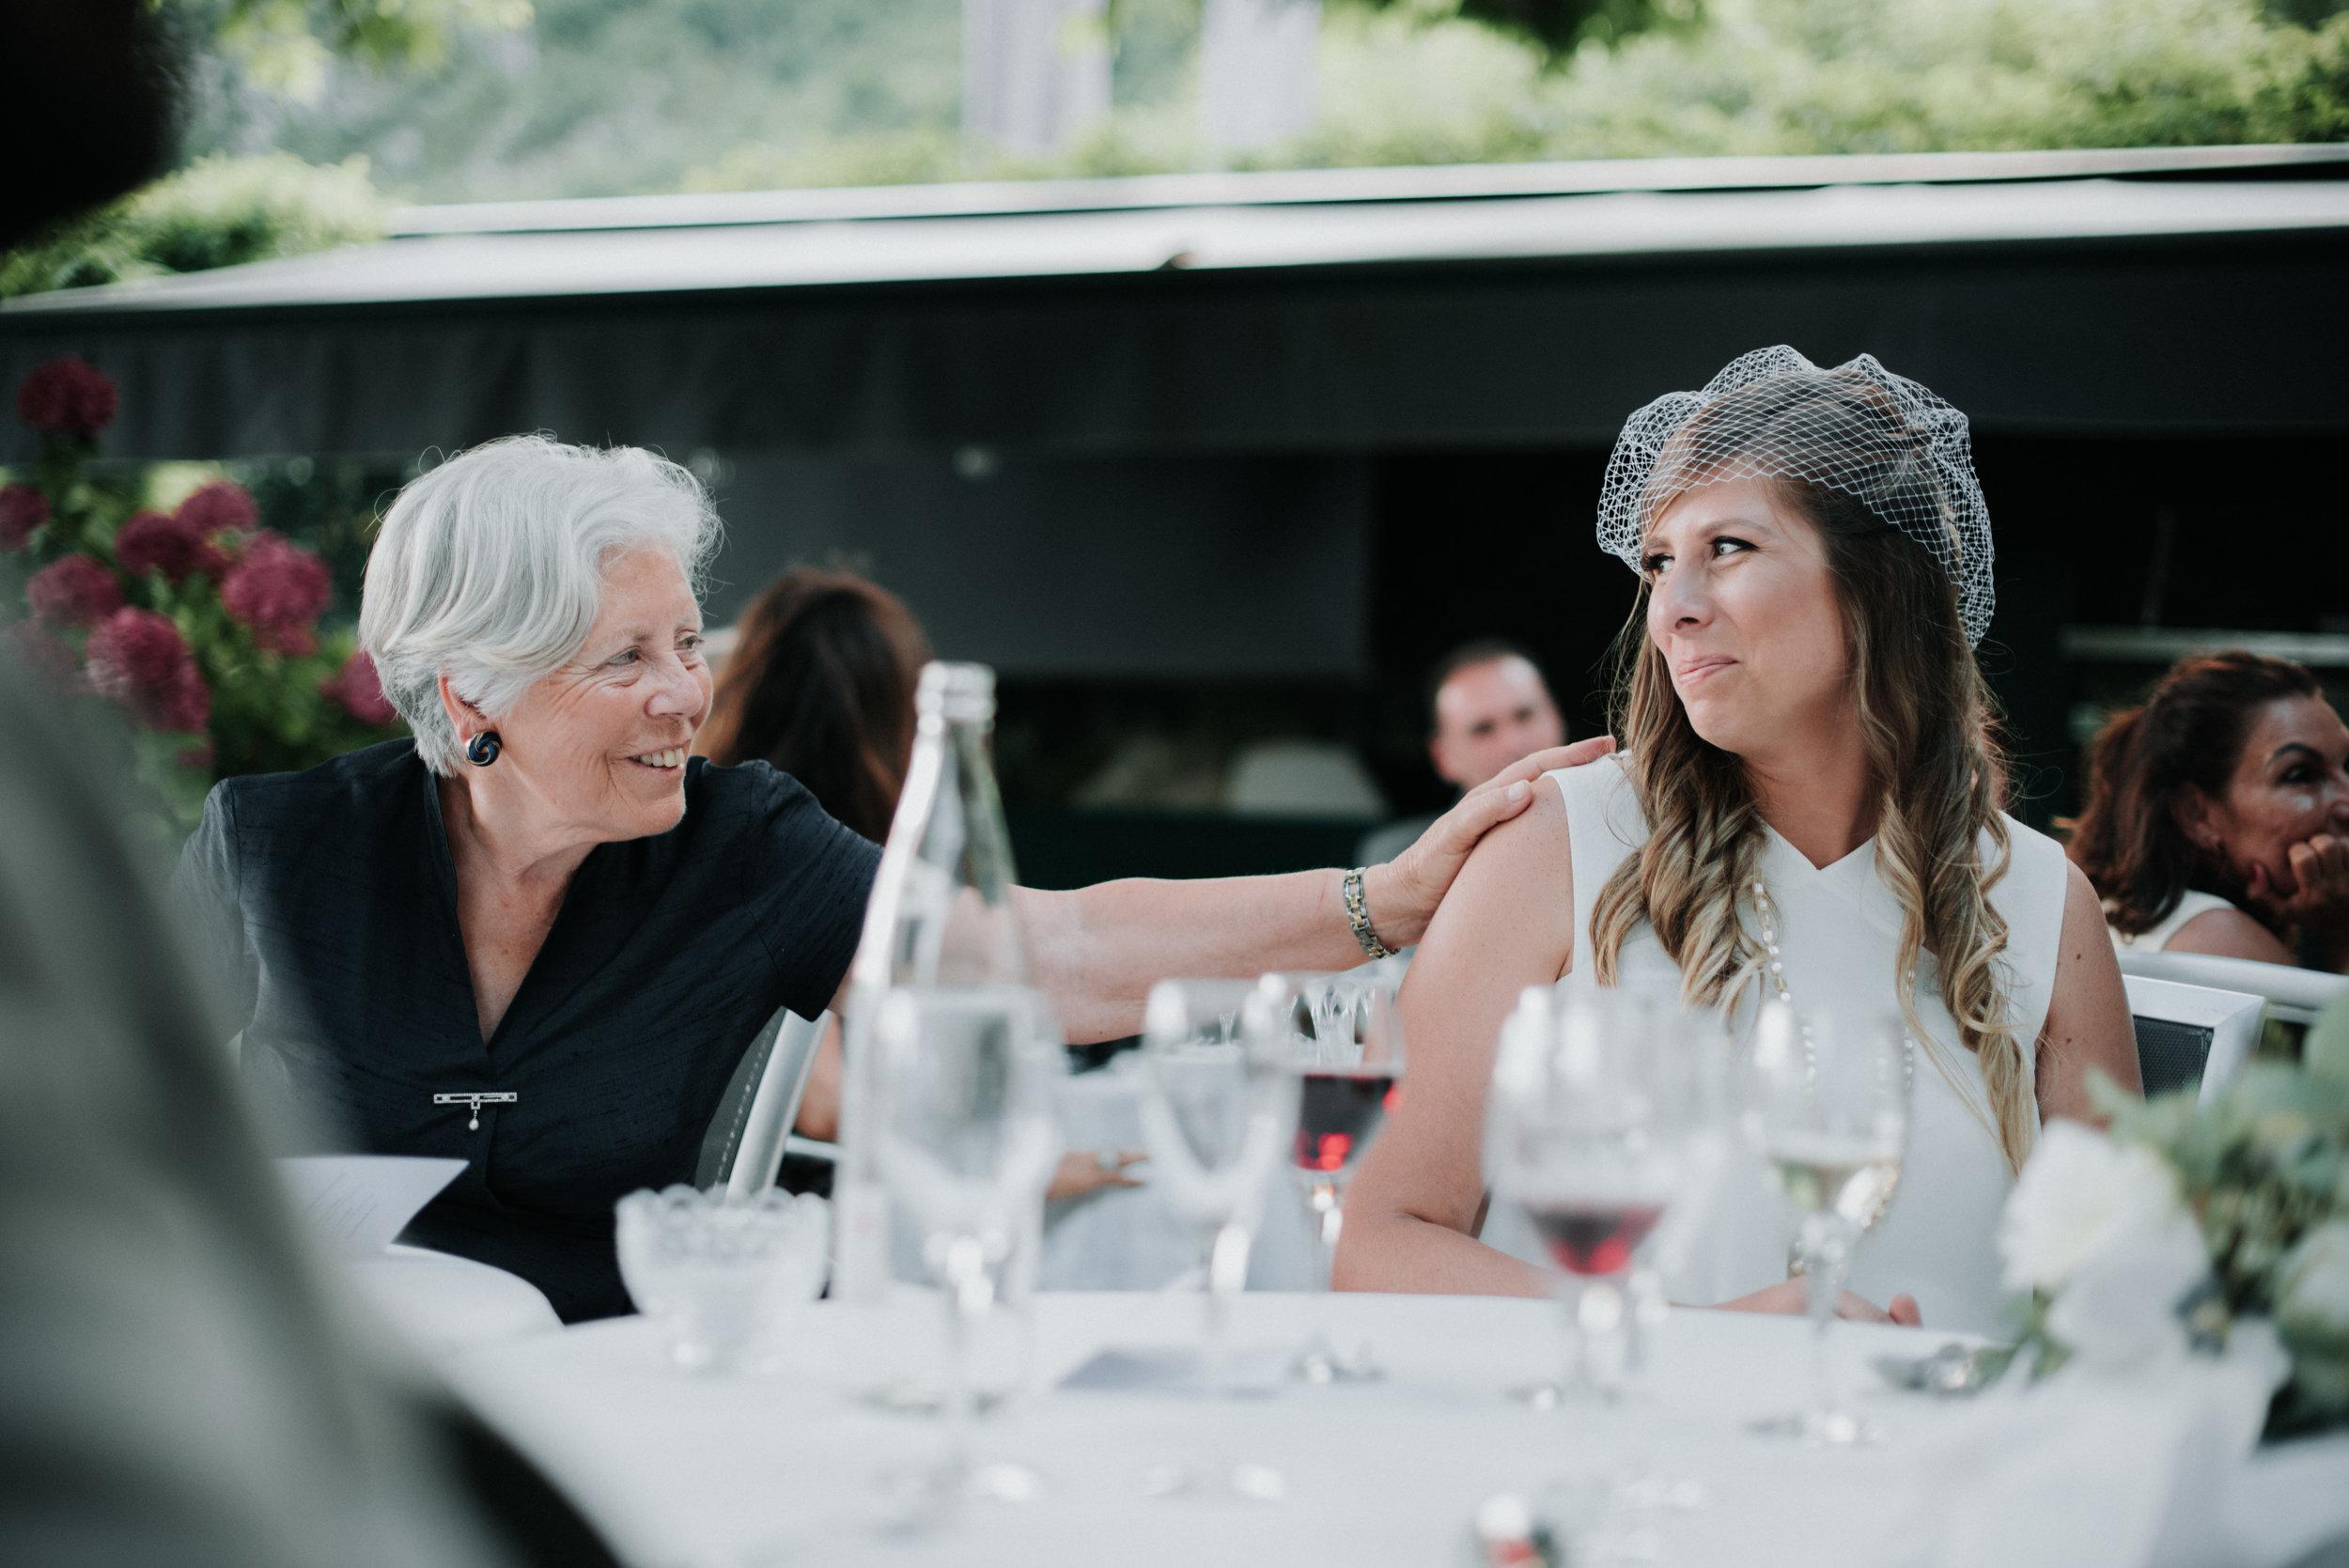 Léa-Fery-photographe-professionnel-lyon-rhone-alpes-portrait-creation-mariage-evenement-evenementiel-famille-8827.jpg